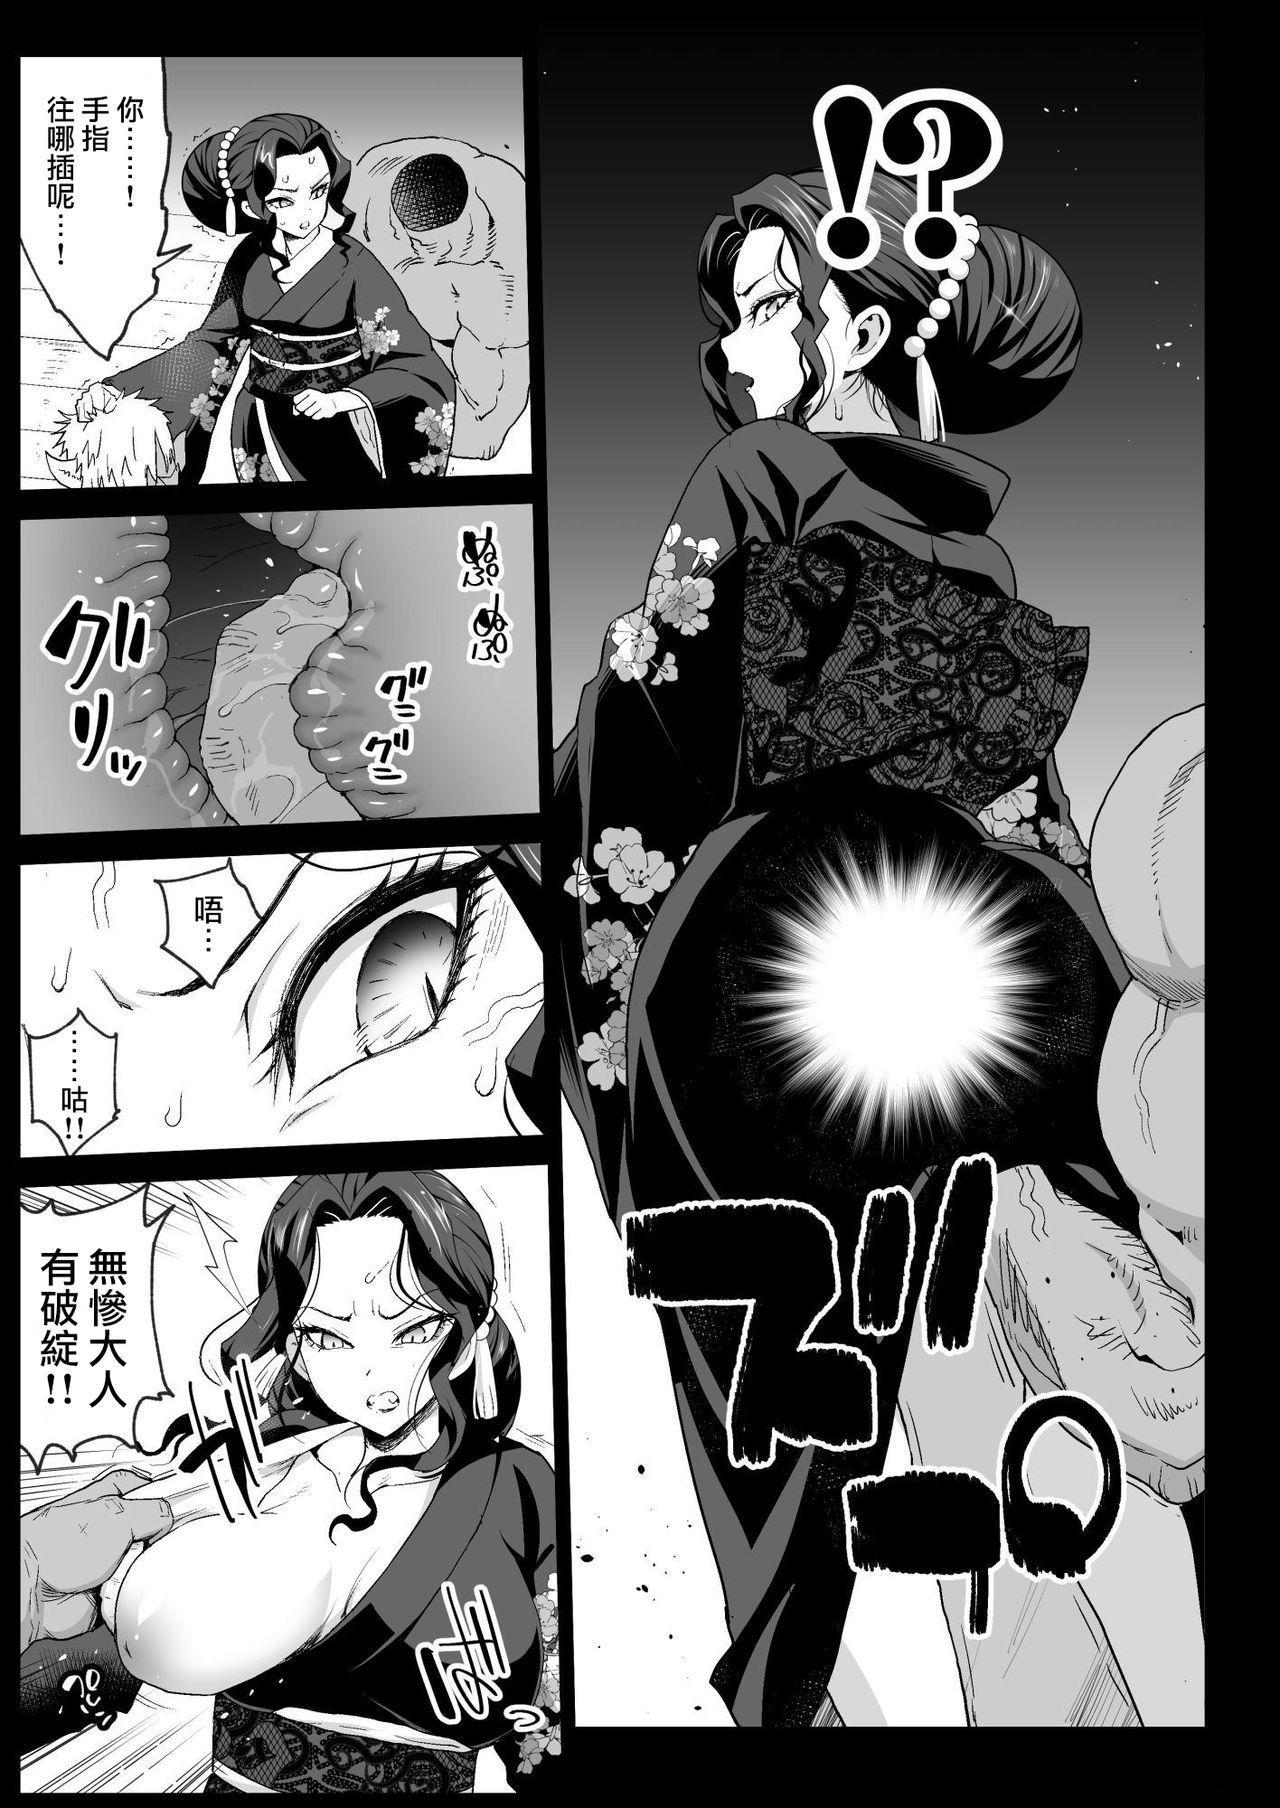 [Eromazun (Ma-kurou)] Mesu Ochi Jou Muzan-sama - RAPE OF DEMON SLAYER 4 (Kimetsu no Yaiba) [Chinese] [瑞树汉化组] [Digital] 9